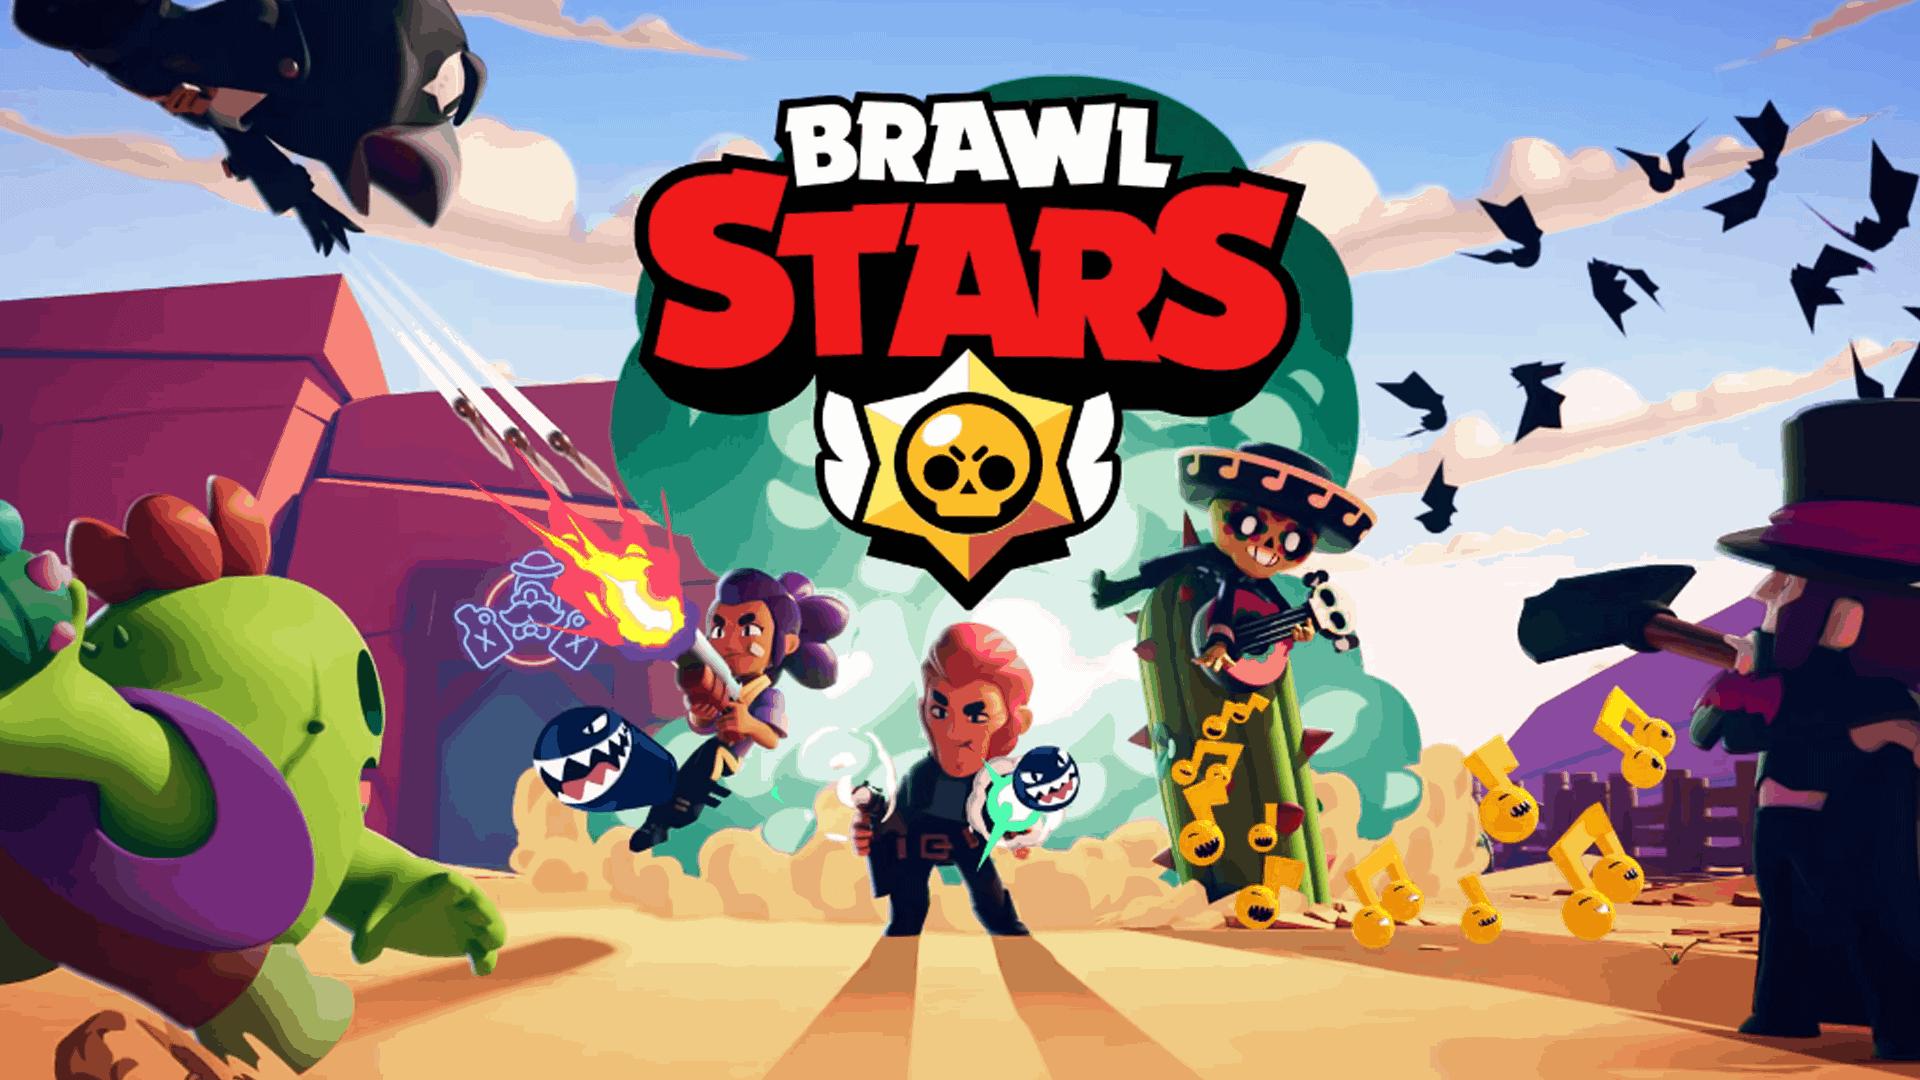 Brawl Stars Full Beginner's Guide – Tips & Tricks For Winning